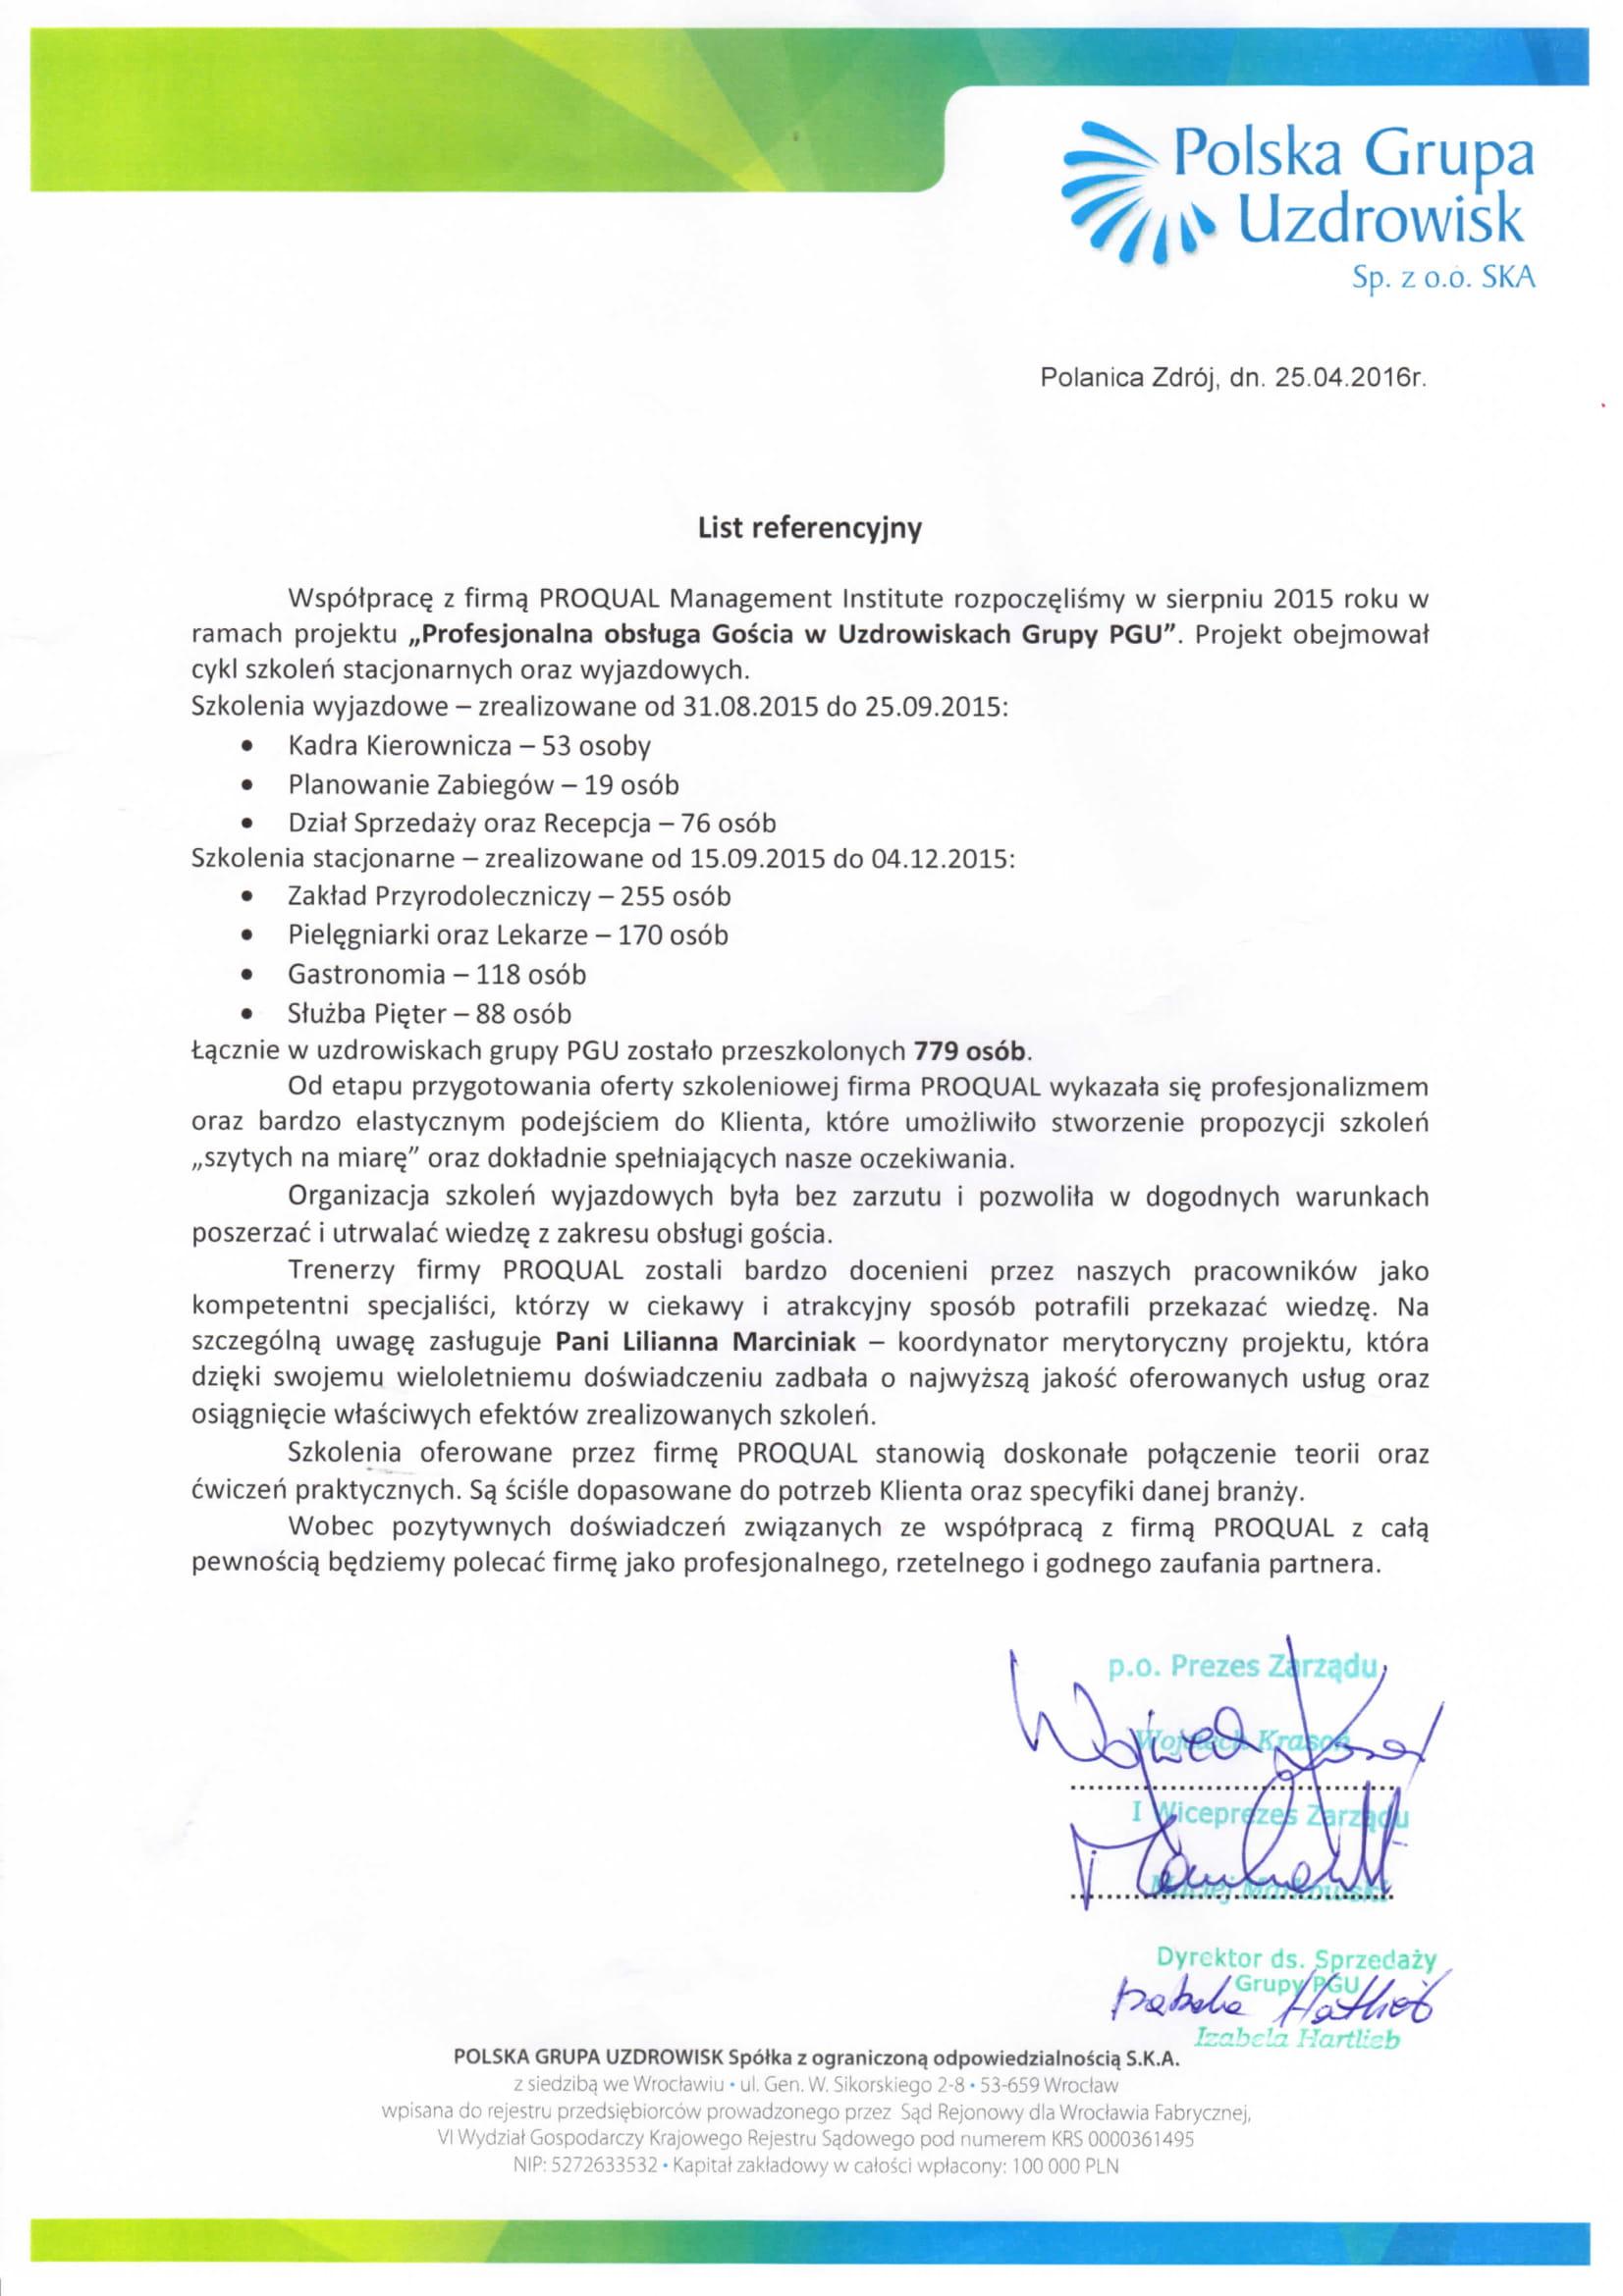 List referencyjny PGU